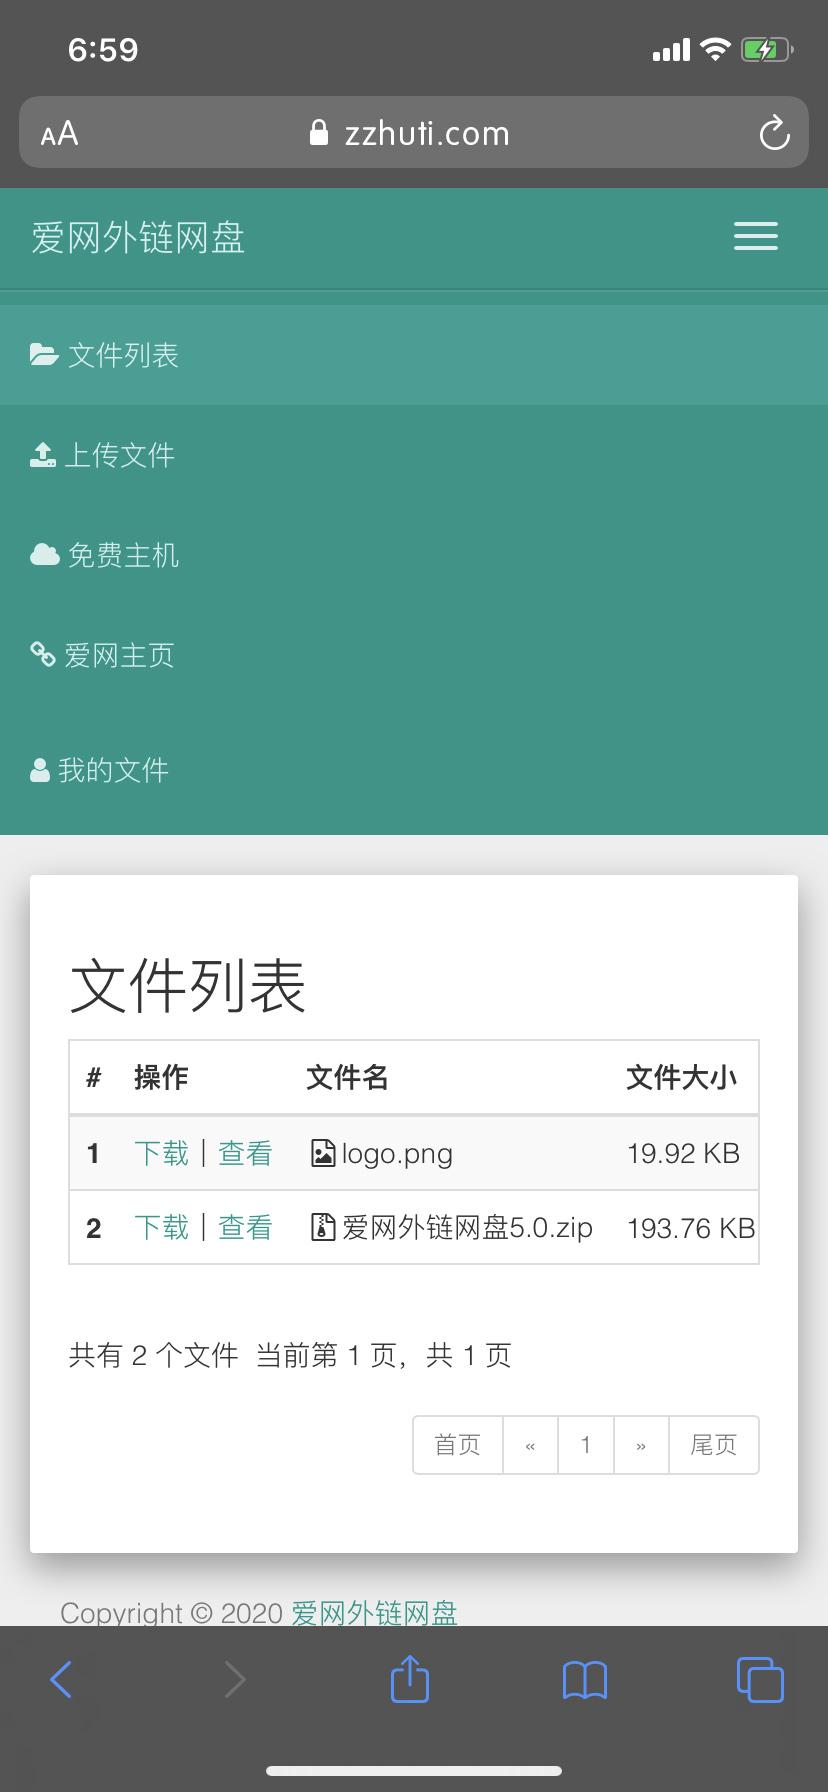 图片网盘外链系统平台5.0源码_完美前端UI界面设计_自适应H5源码_PHP网盘图床文件储存云盘源码下载